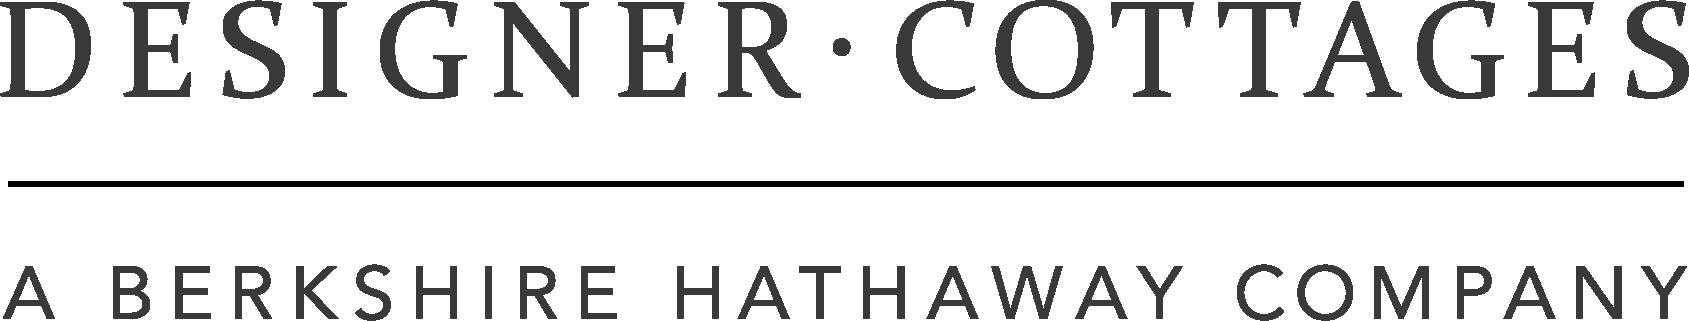 DesignerCottages_Logo_FINAL.png